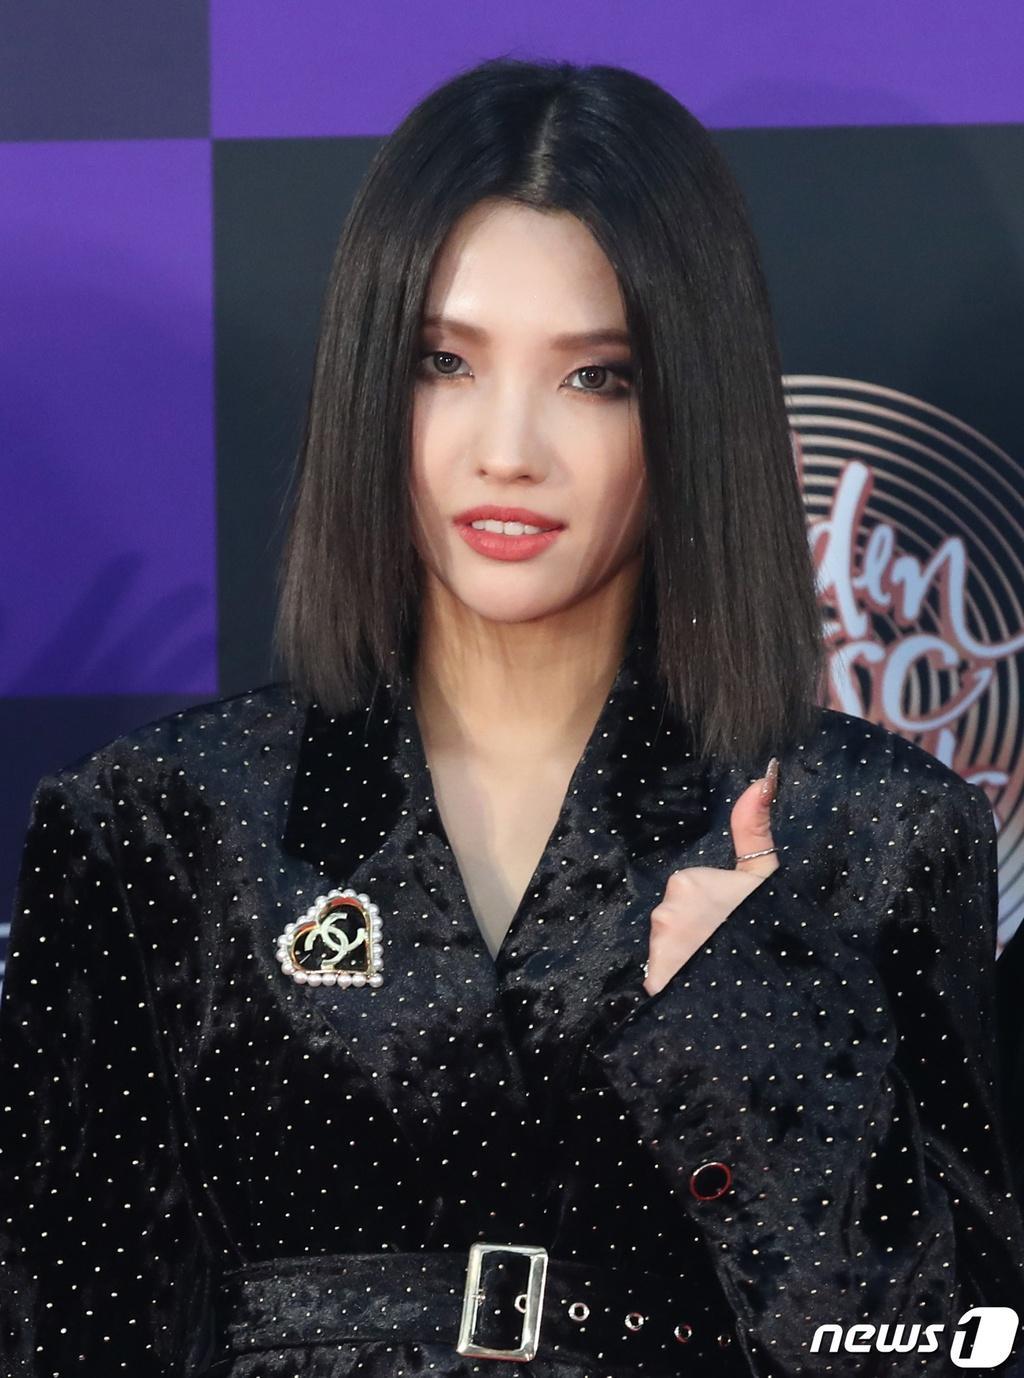 Hai gương mặt đẹp nhất thế giới hội tụ trên thảm đỏ 'Grammy Hàn Quốc' Ảnh 8